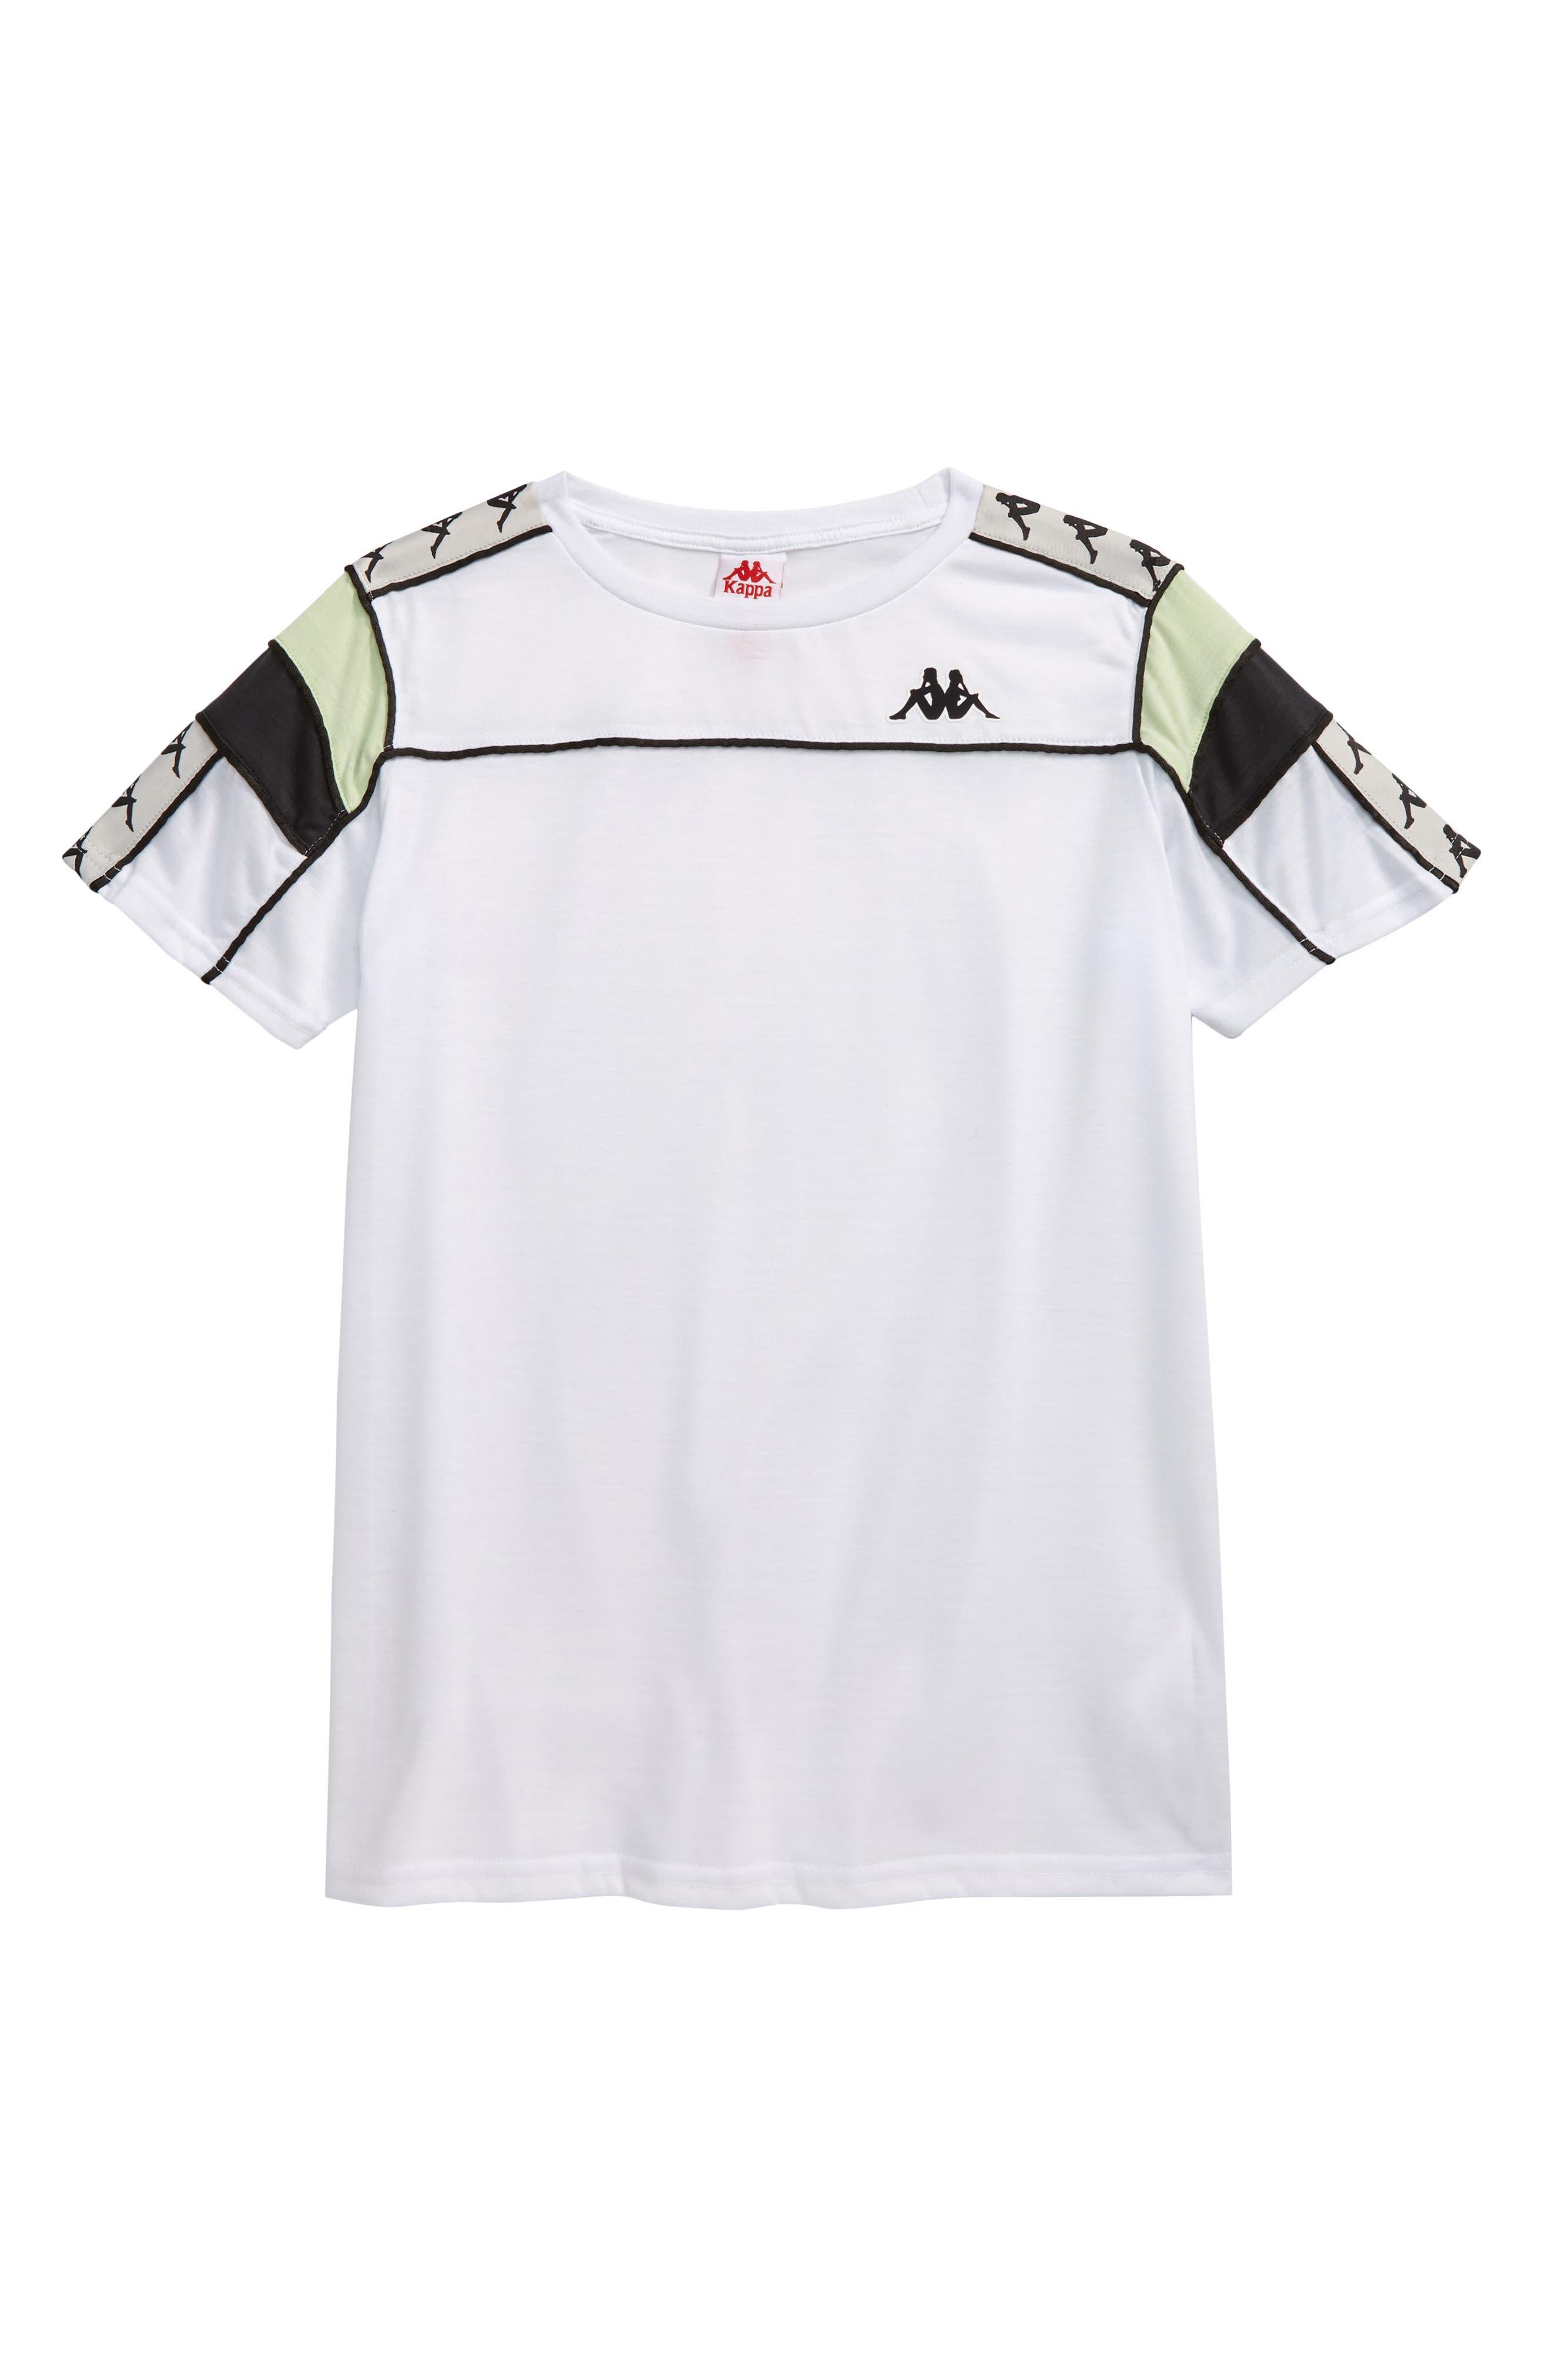 Boys Kappa 222 Banda TShirt Size 10Y  Black